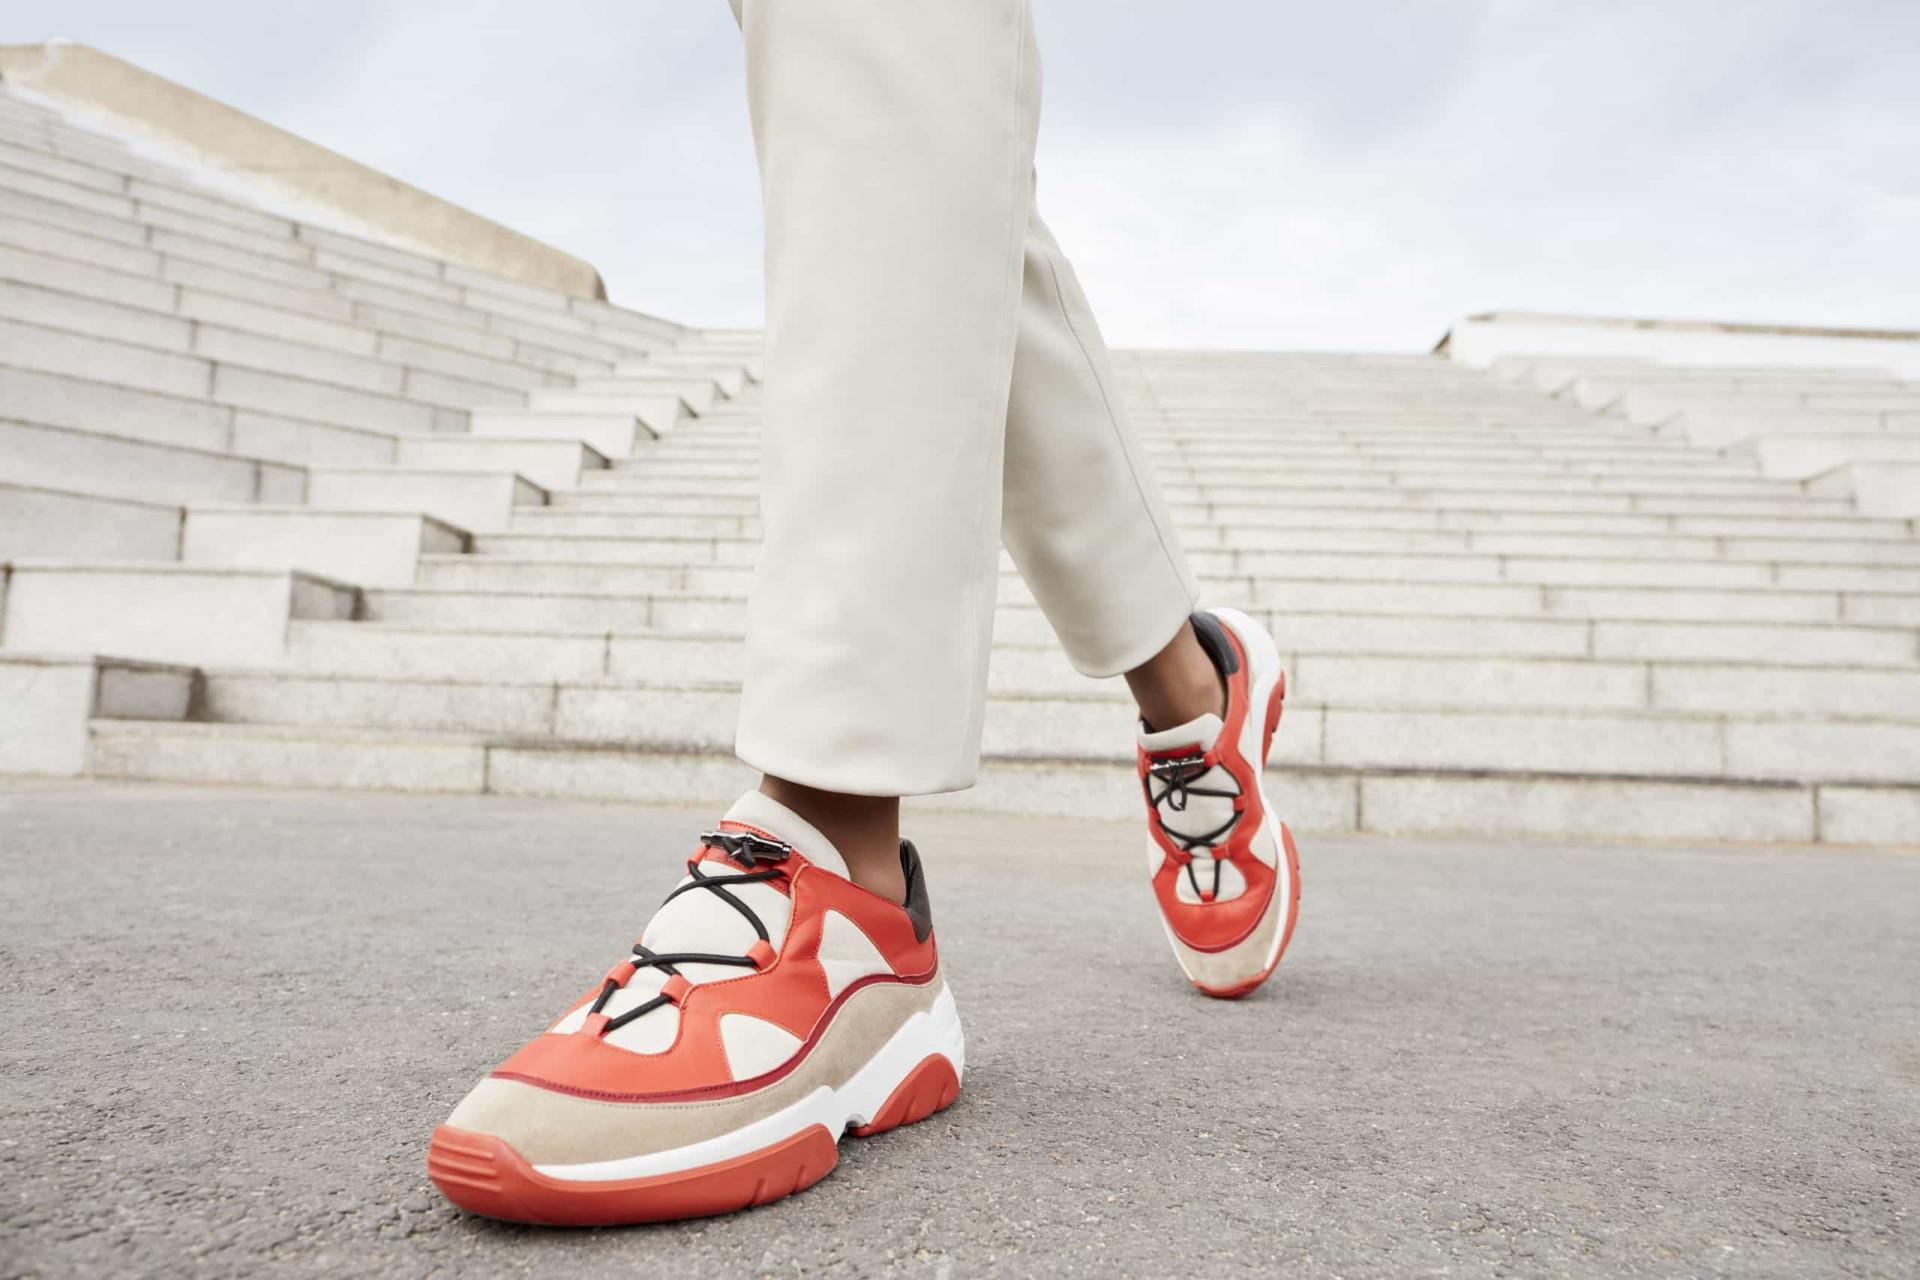 Freeminder sneakers, os ténis must-have da estação